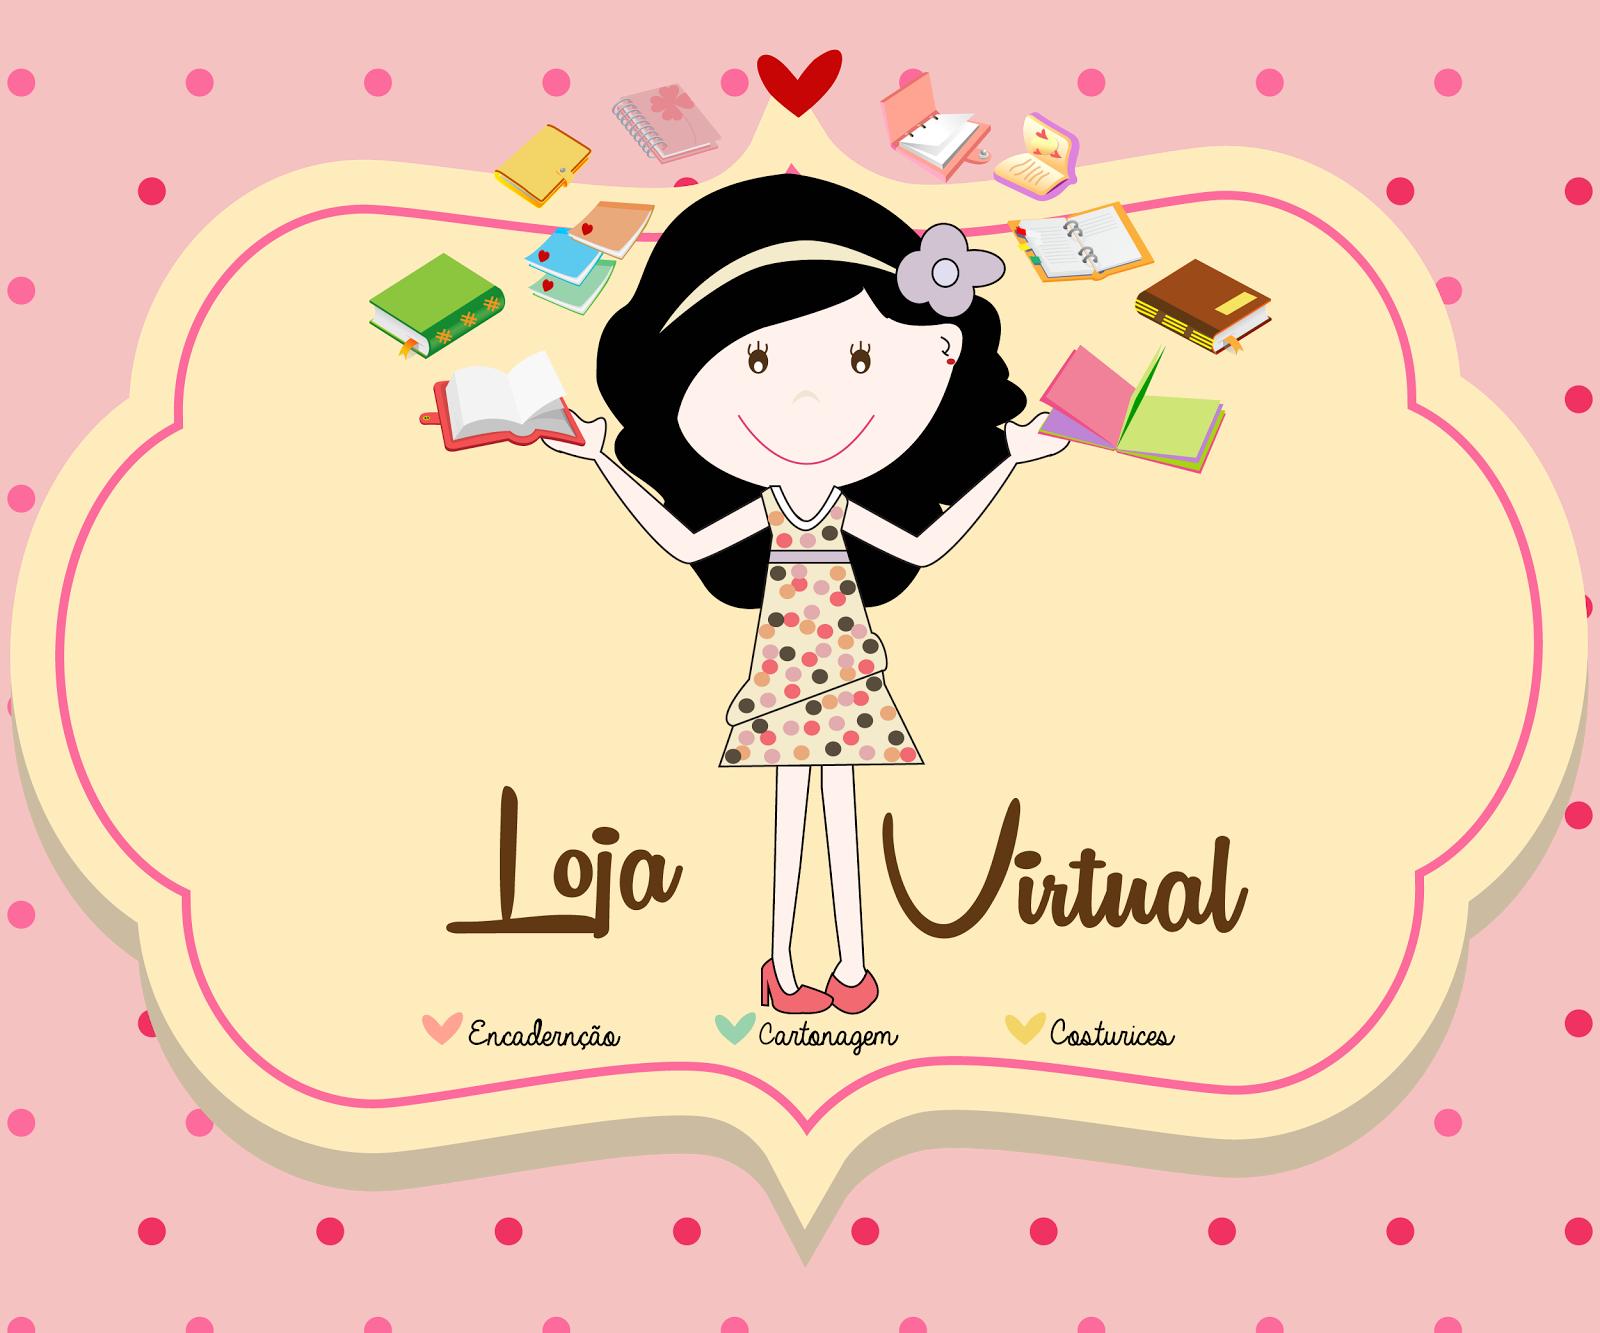 http://www.lojadonnarita.com.br/